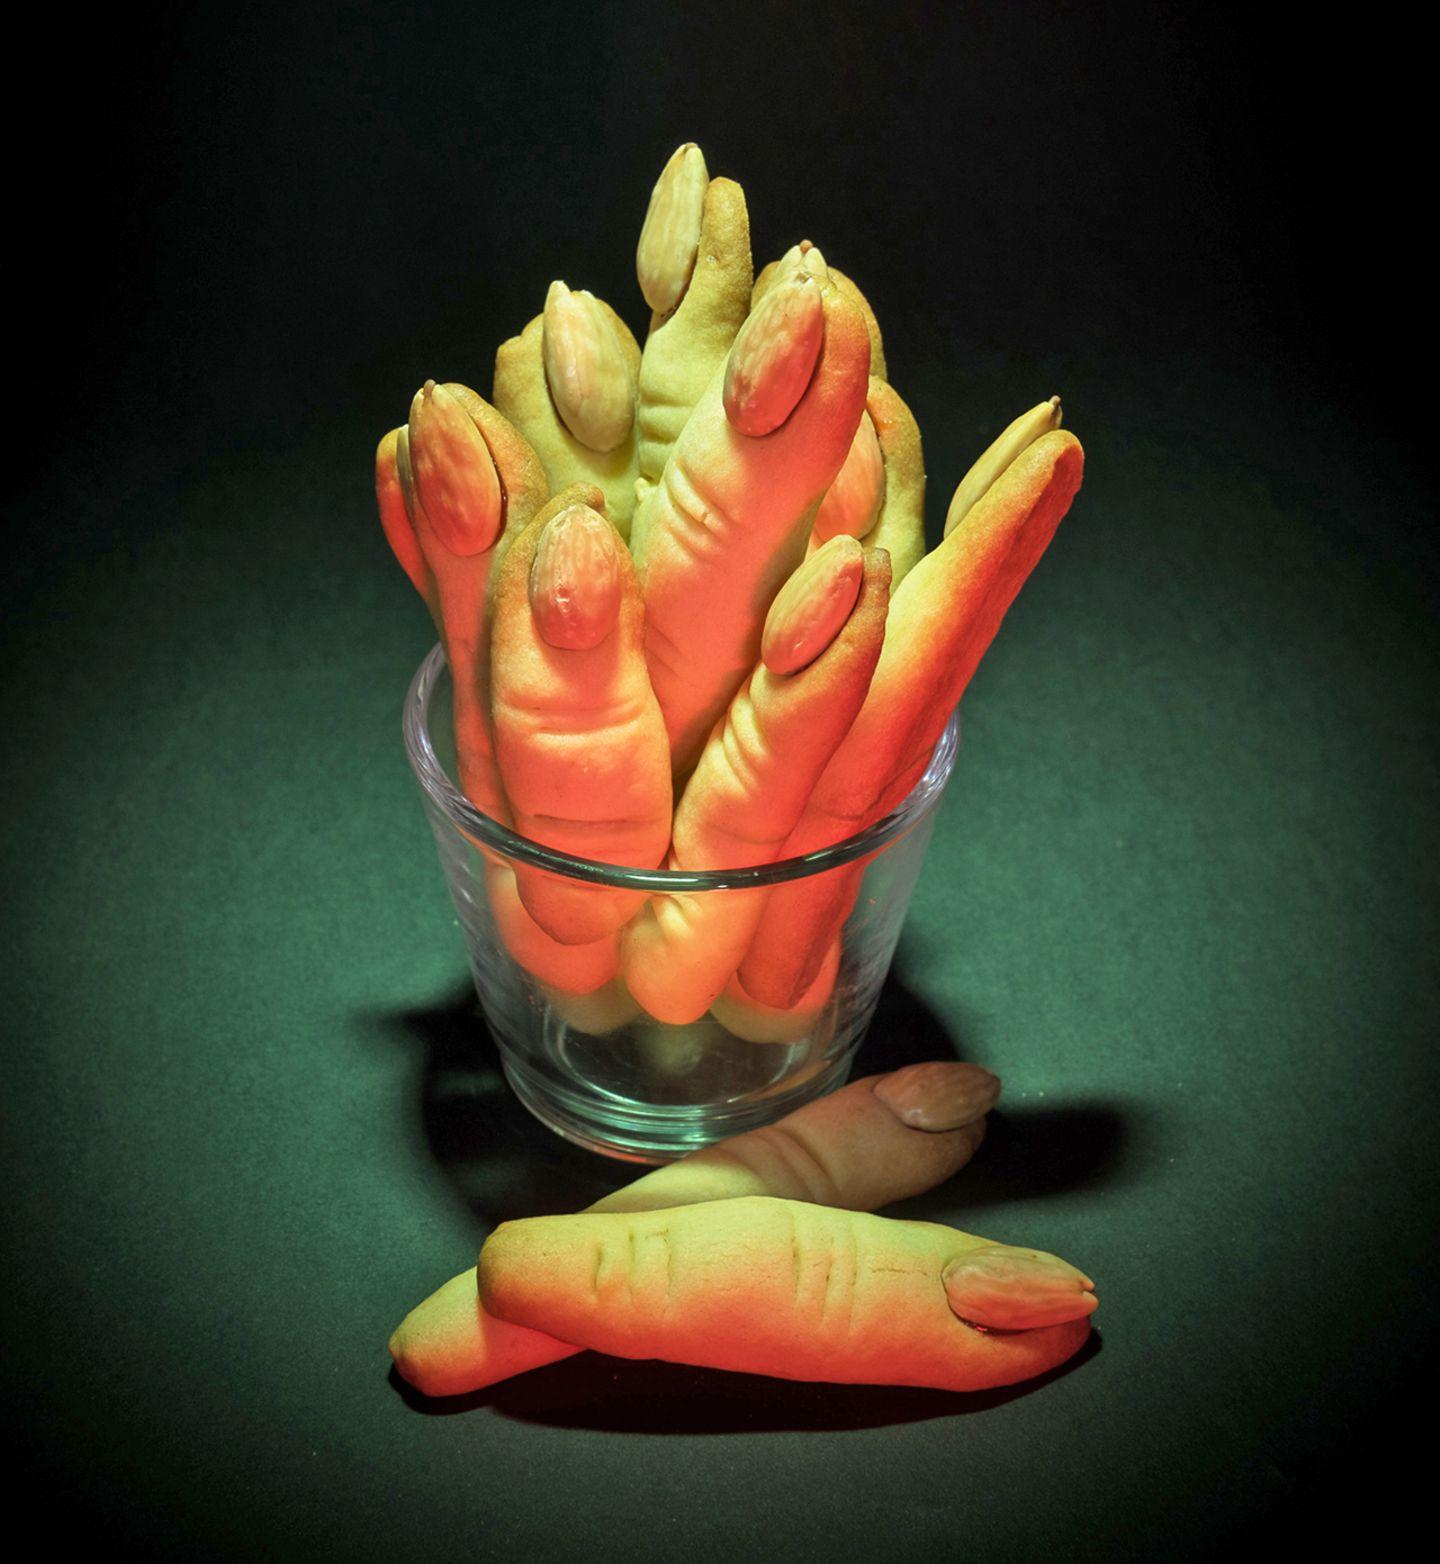 Halloween Rezepte Finger.Hexenfinger Aus Keksteig Halloween Rezept Geolino